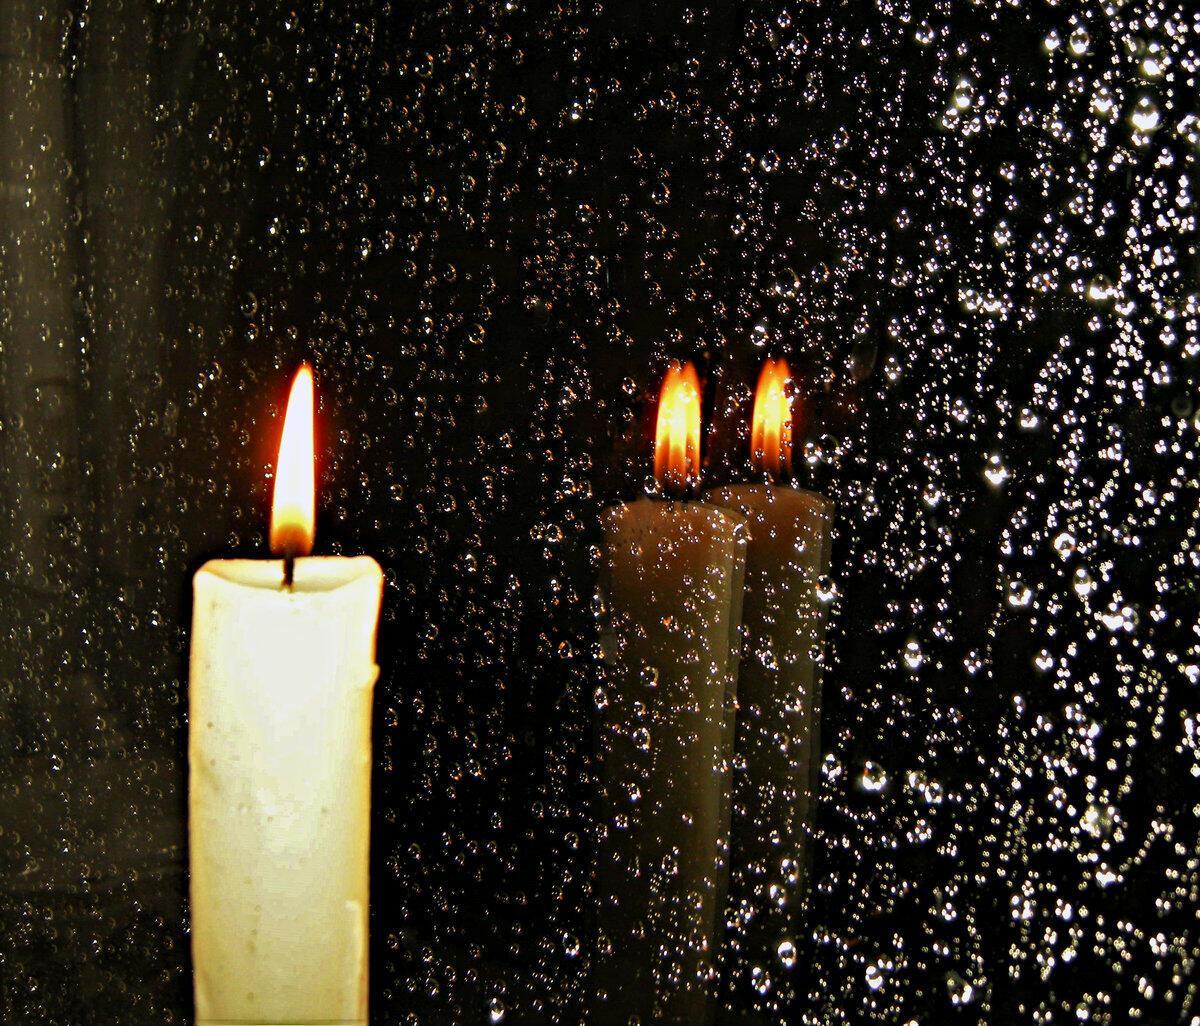 картинка свеча горящая ночью нужно